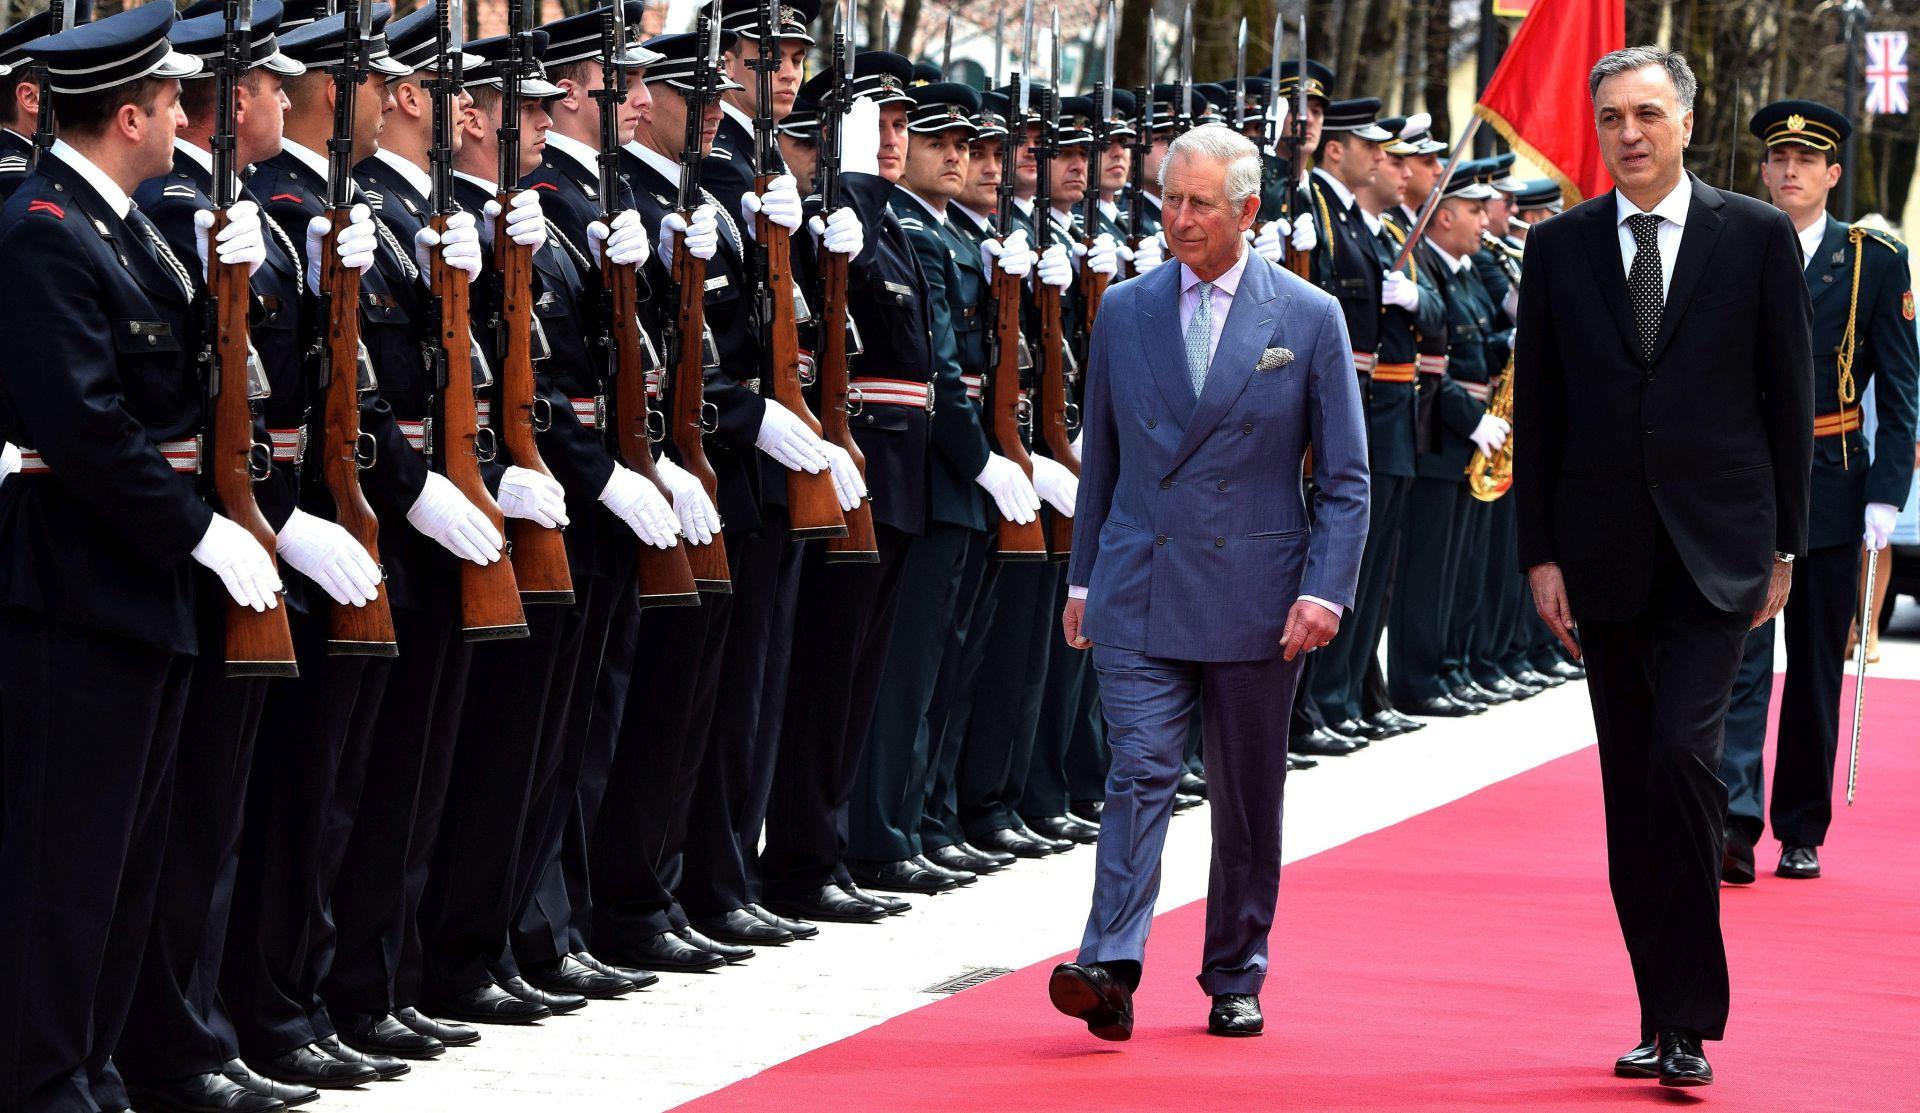 Princ Charles kaže da je njegov posjet balkanskim državama posvećen miru